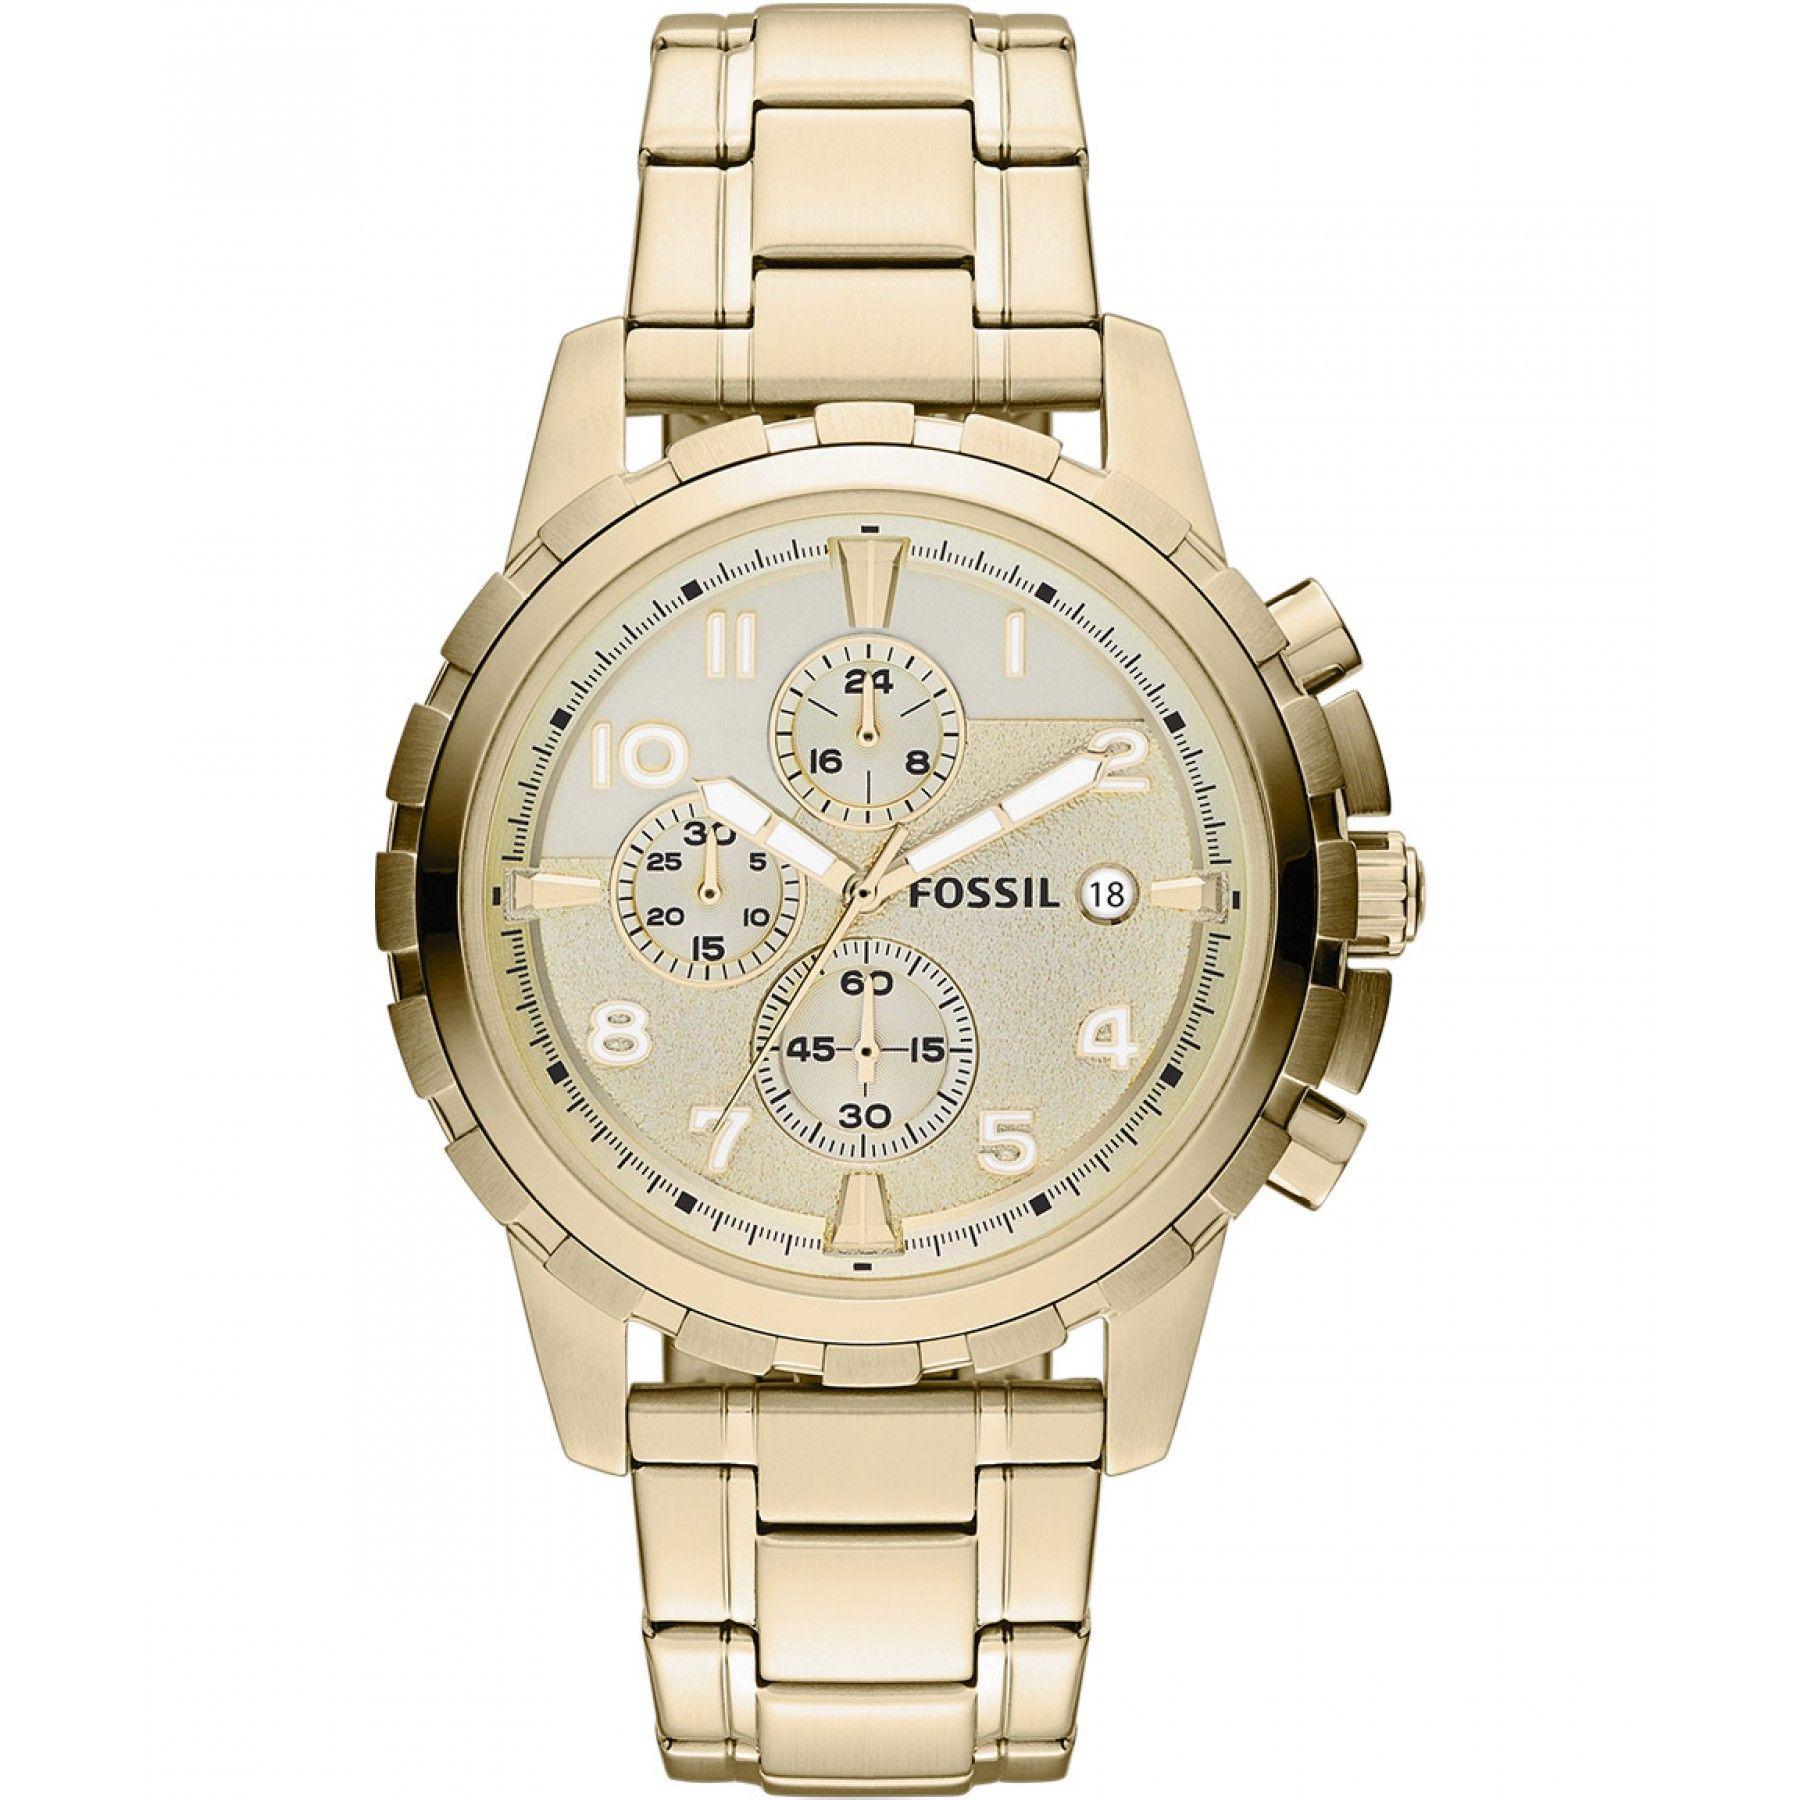 9820f02e0d16 Reloj Fossil de caja bisel con extensible en acero color oro carátula  blanca y manecillas e